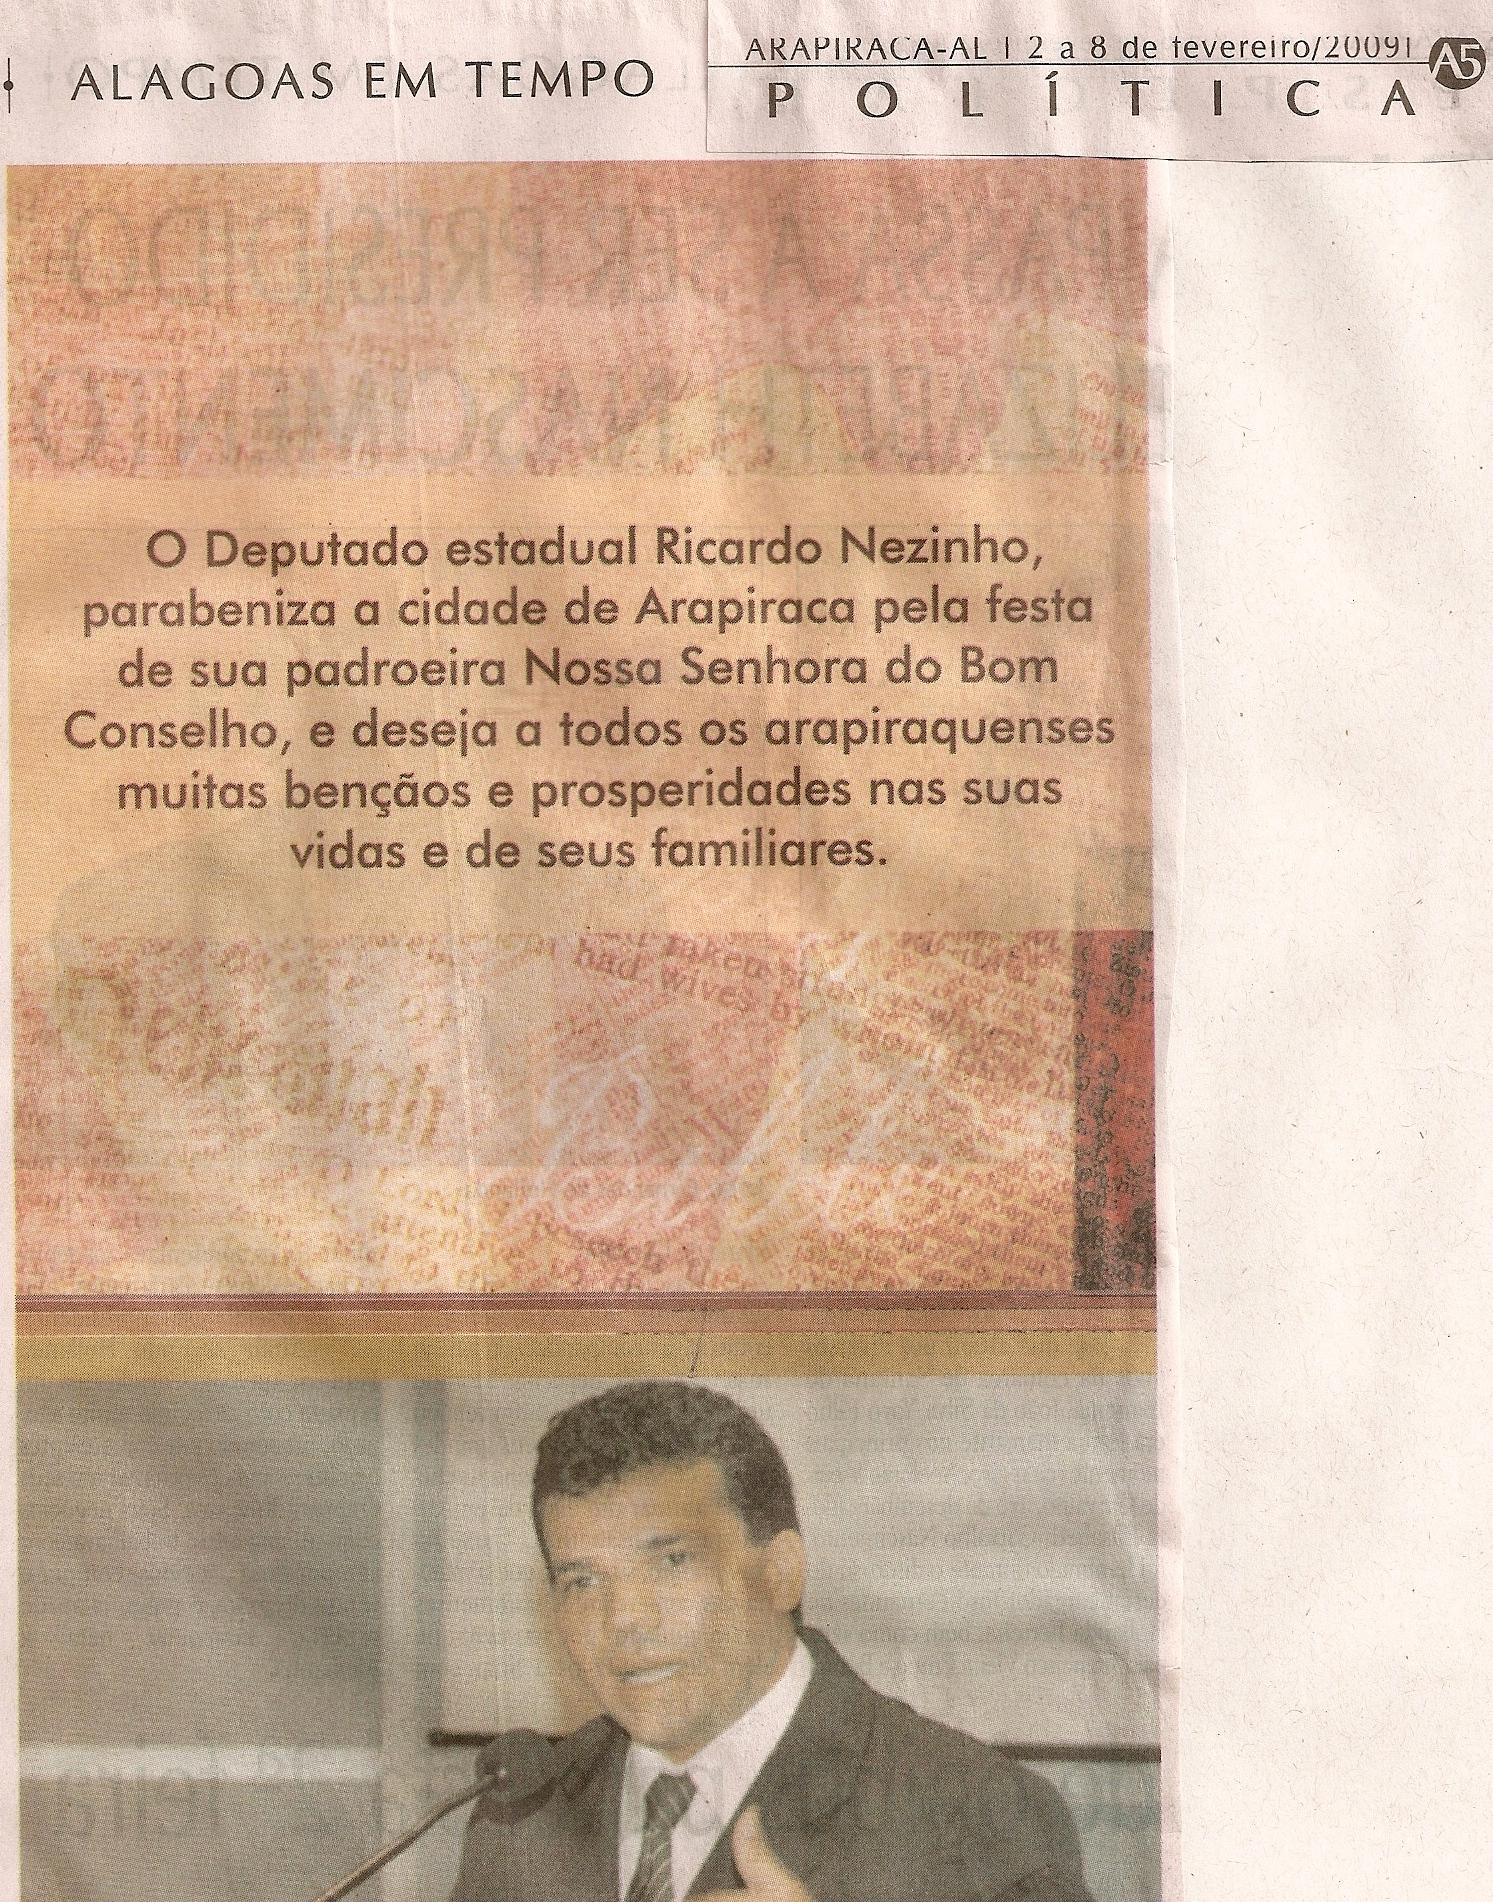 alagoas_em_tempo_02_02_2009